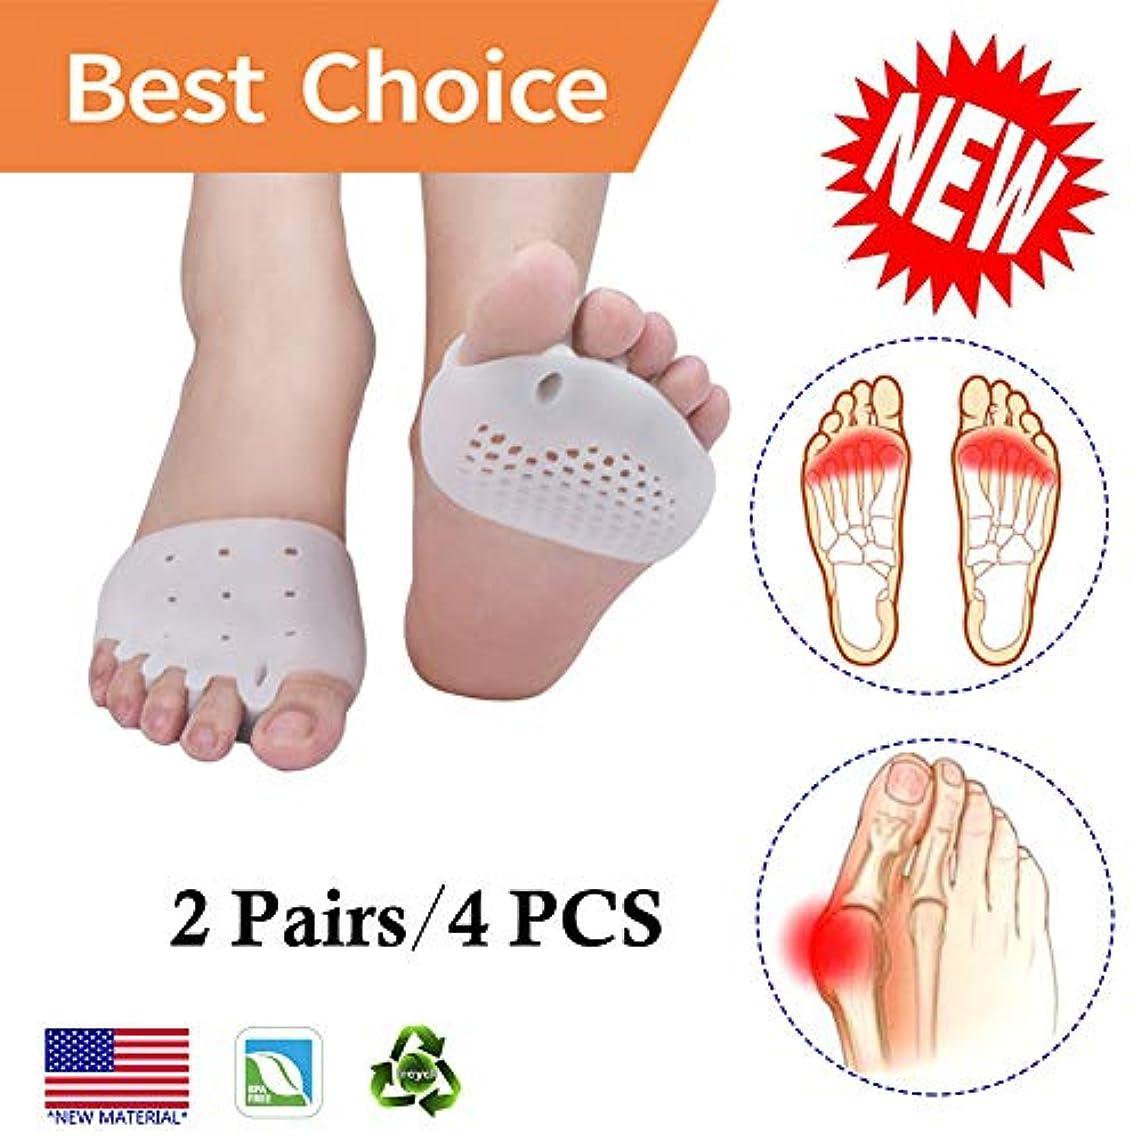 明示的にユーモアライラックPnrskter 足裏保護パッド 中足前足パッド 通気性 柔らかい ジェル 糖尿病の足に最適 カルス 水疱 前足痛 男性のための両方の足に使用することができます (白(6ピース))